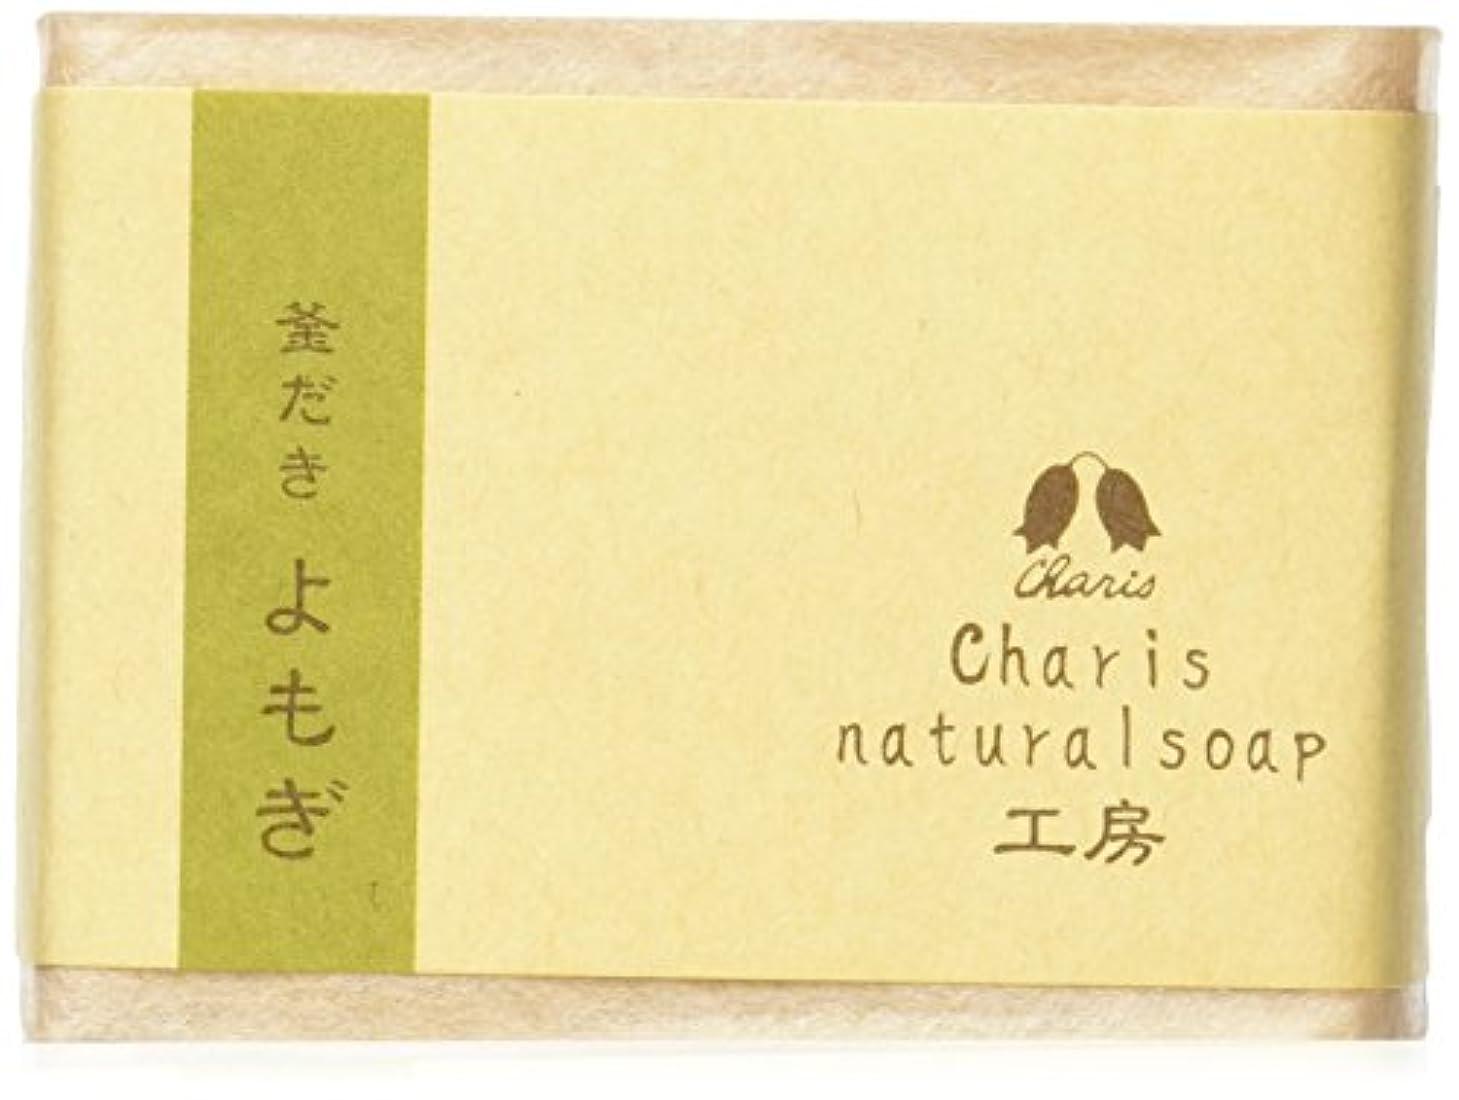 カリス ナチュラルソープ工房 よもぎ石鹸 130g [釜炊き製法]